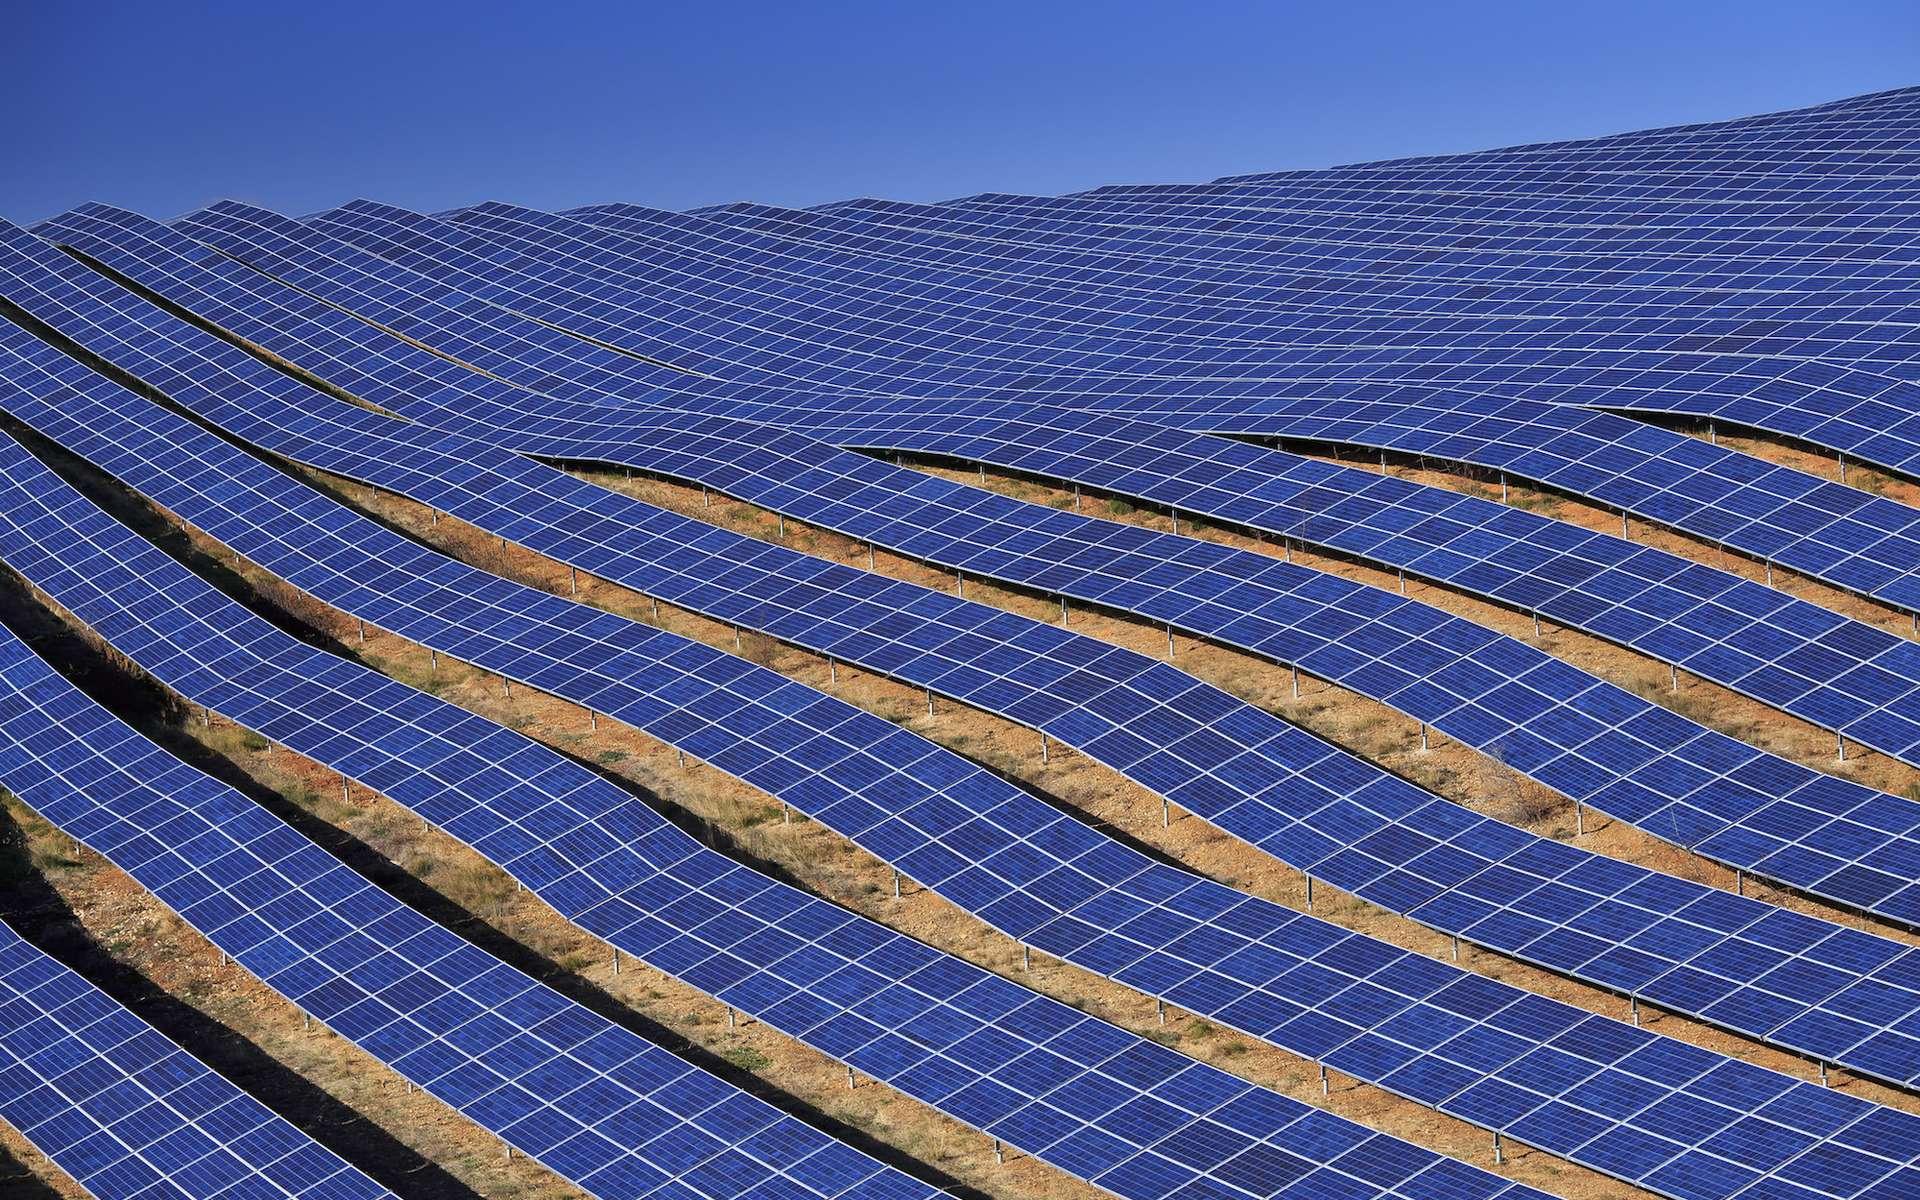 Les cellules pérovskites pourraient prochainement remplacer les cellules photovoltaïques à base de silicium dans les panneaux solaires. Des chercheurs seront réunis à Rennes, ces 17 et 18 mai, pour en débattre - parmi d'autres sujets - à l'occasion des 2e Journées Pérovskites Hybrides. © iamme ubeyou, Flickr, Domaine public